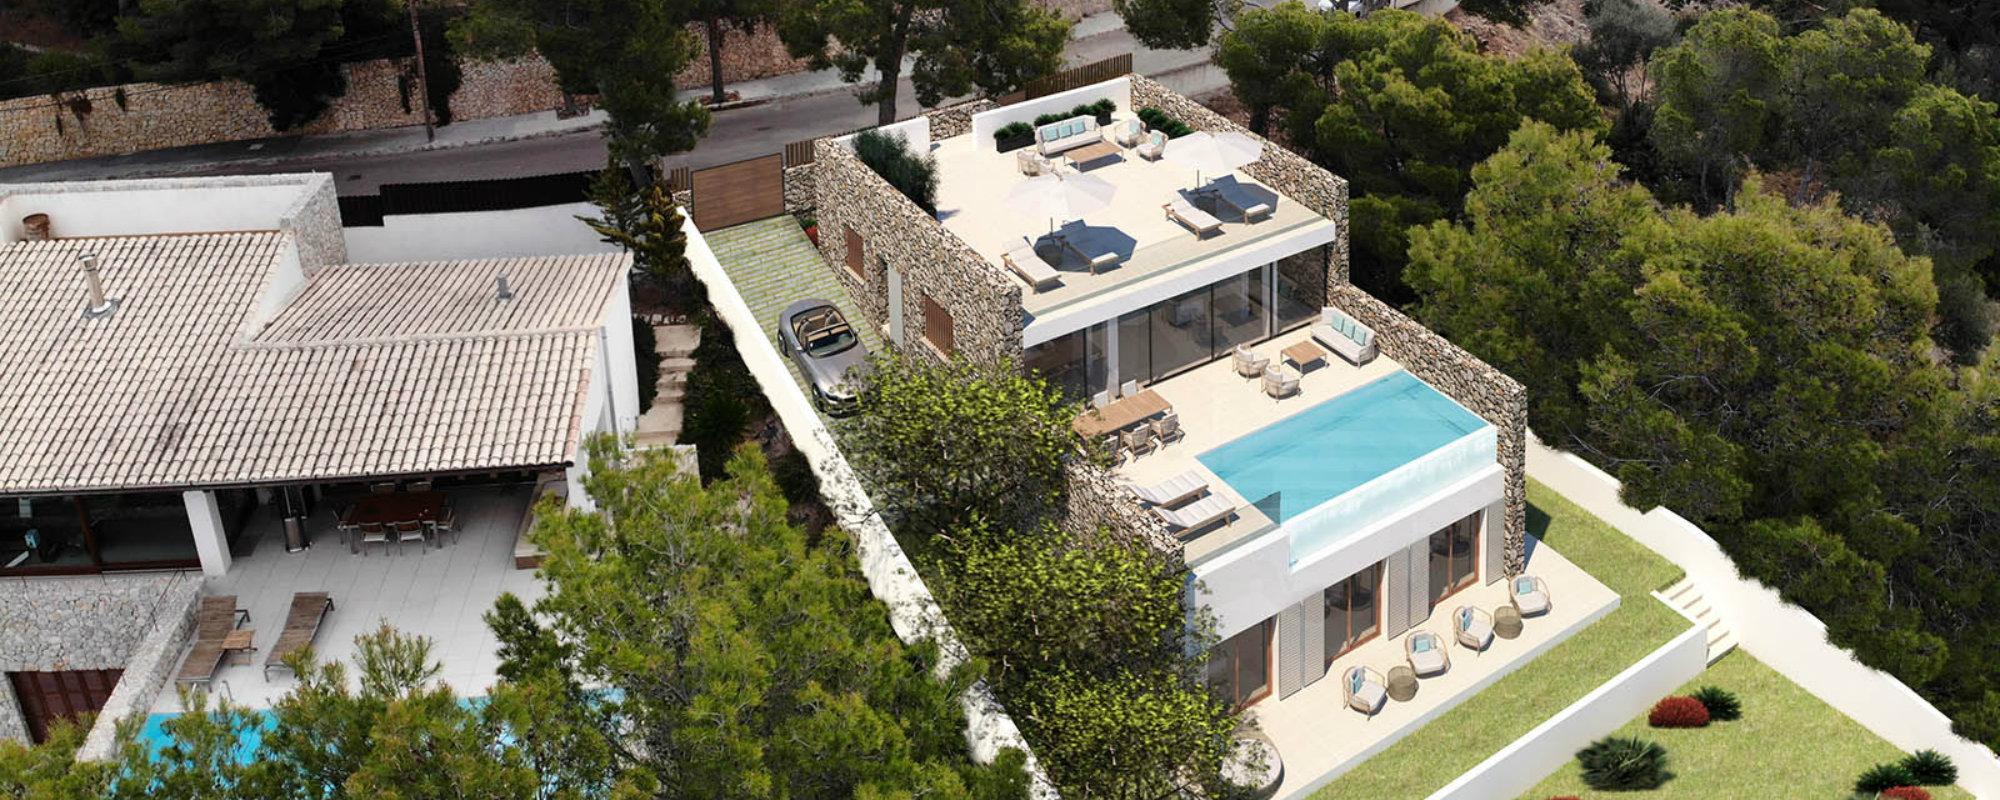 Proyectos de lujo: Mora Arquitectos una empresa en Palma de Mallorca proyectos de lujo Proyectos de lujo: Mora Arquitectos una empresa en Palma de Mallorca Featured 7